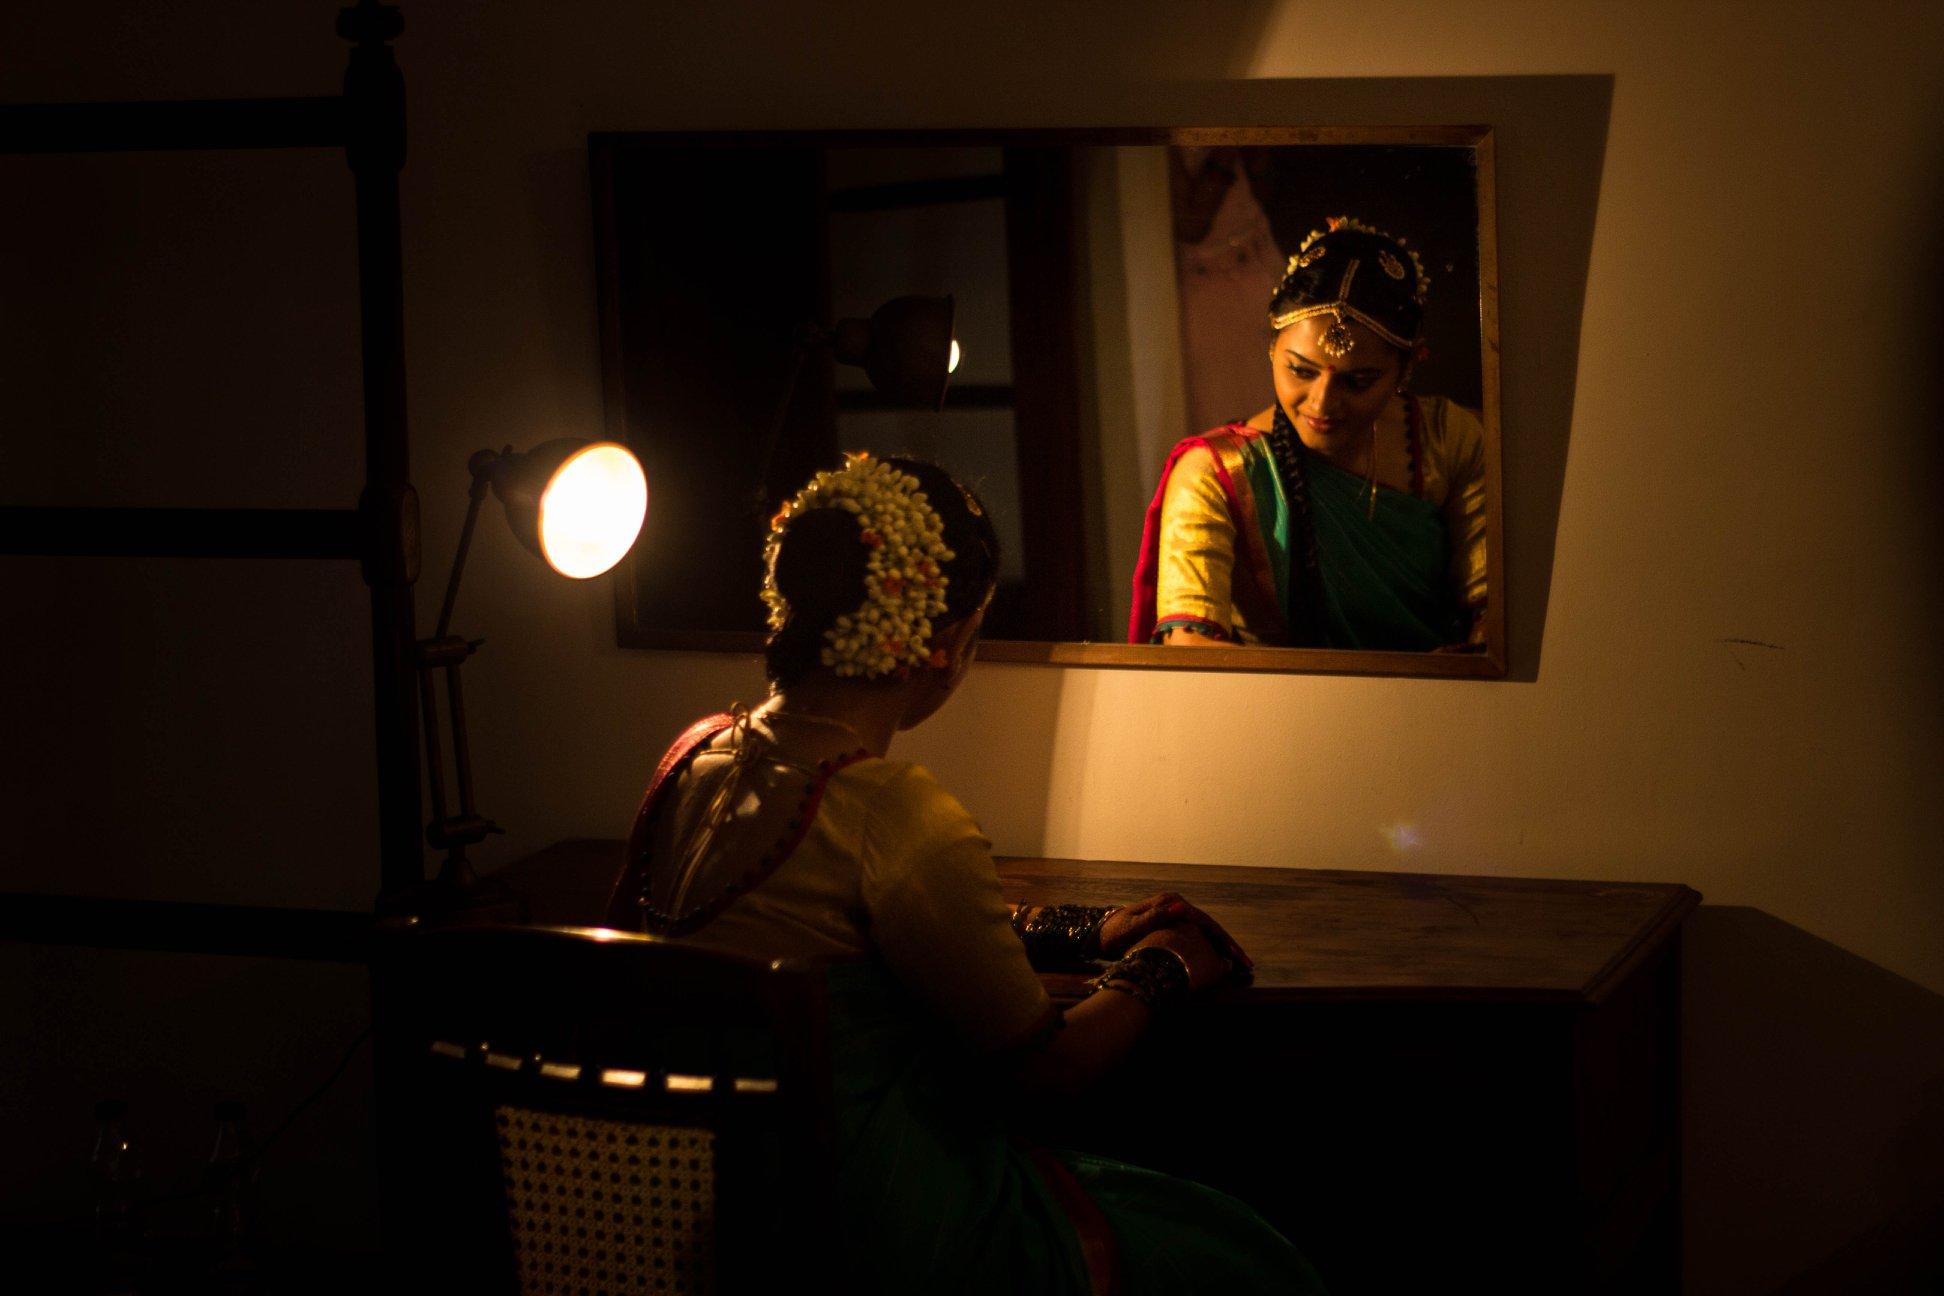 एक कविता बिहार से: पटना की युवा कवियत्री पूजा कौशिक की कविता, 'आइना'